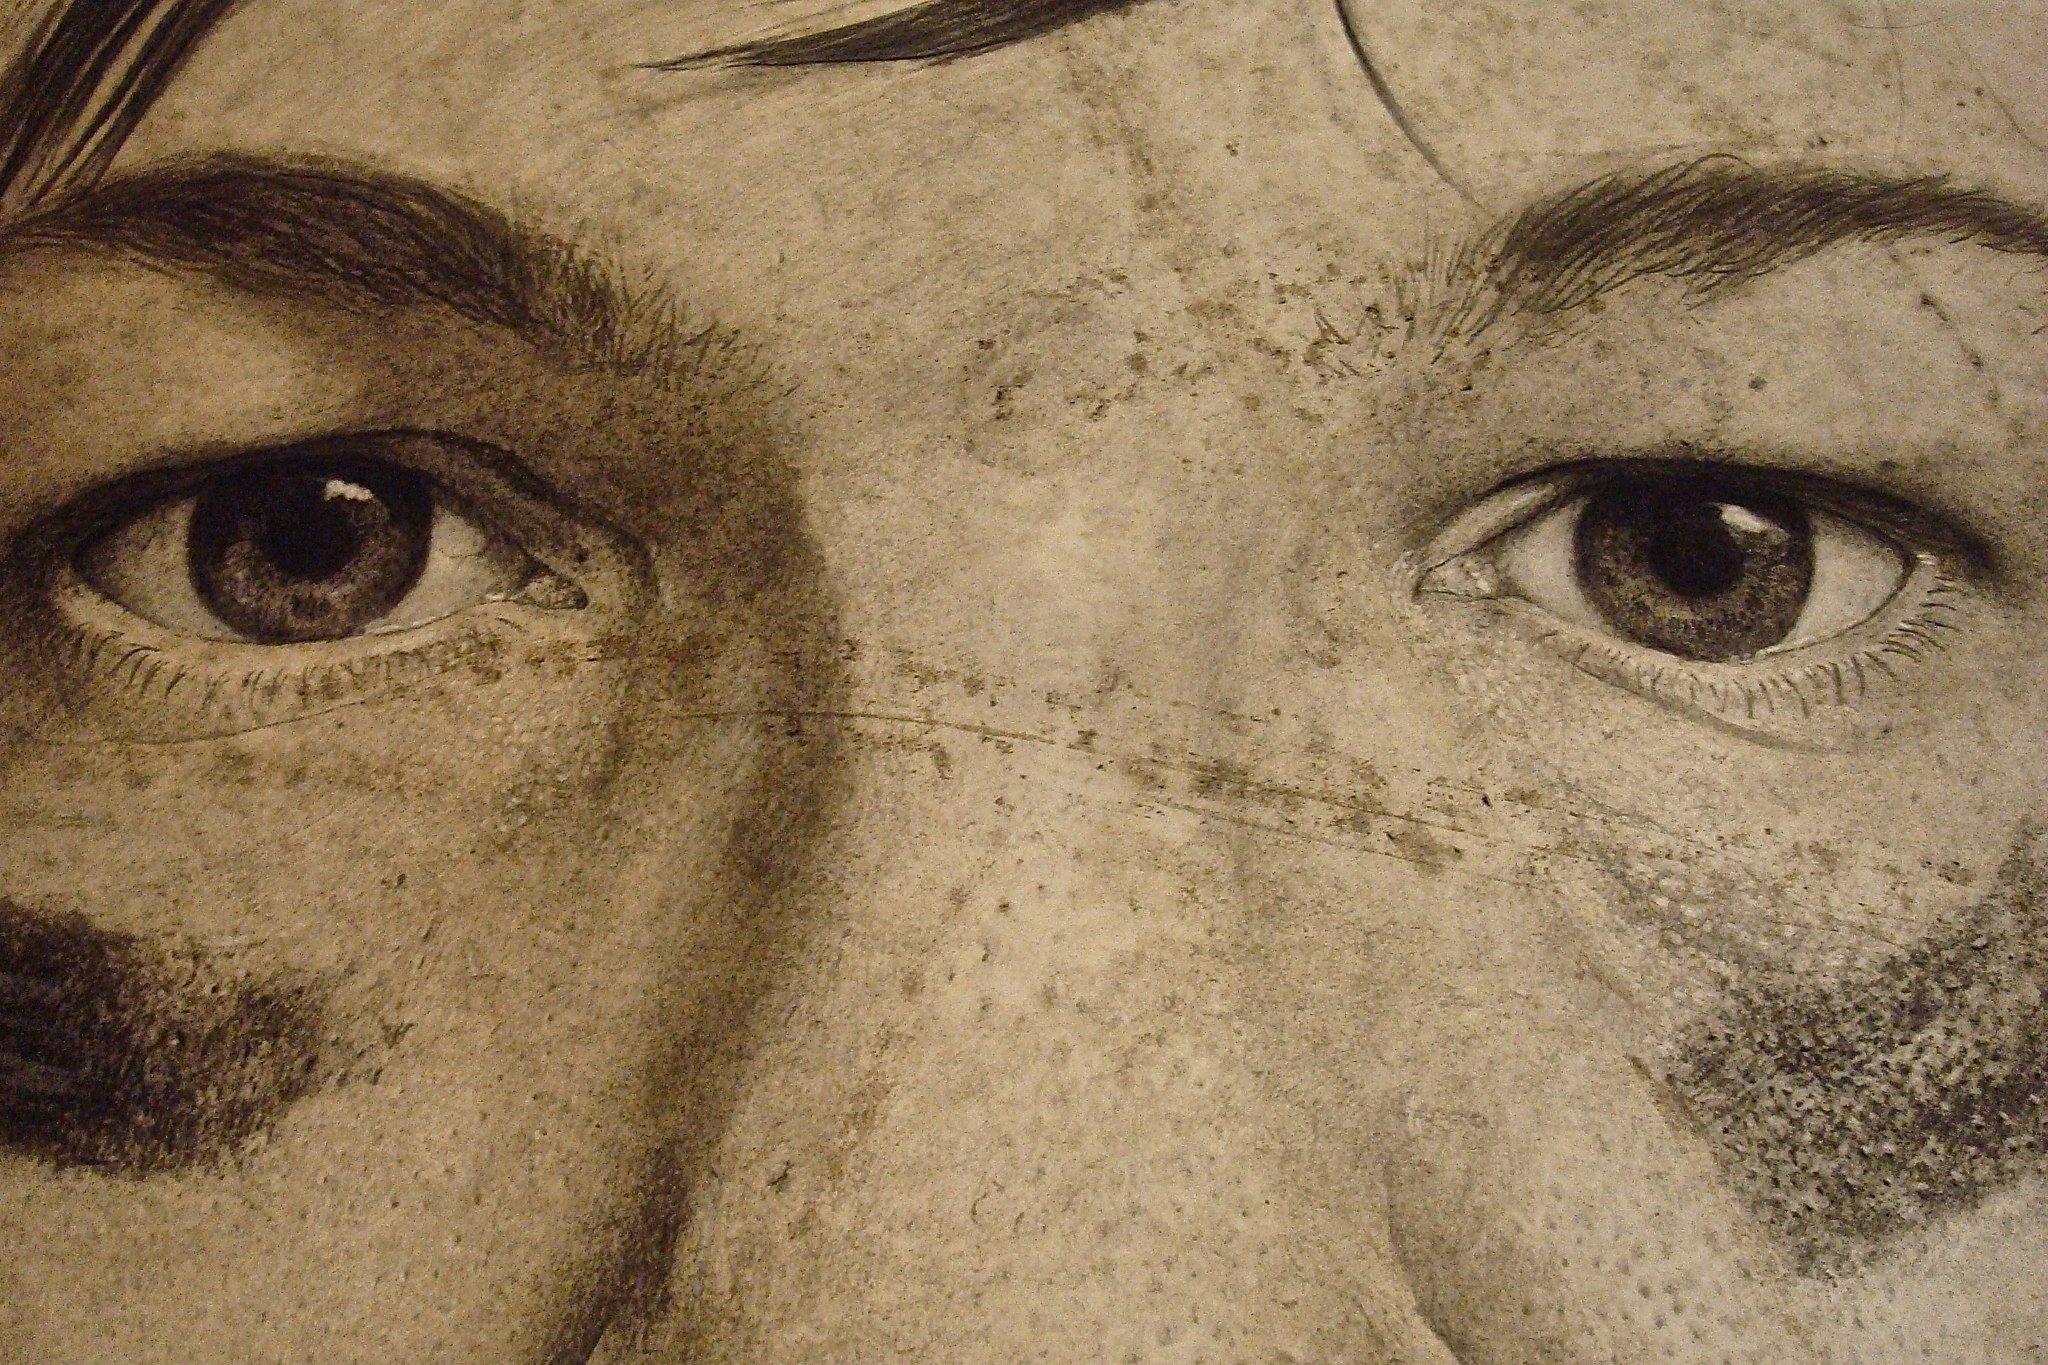 Self-portrait detail.